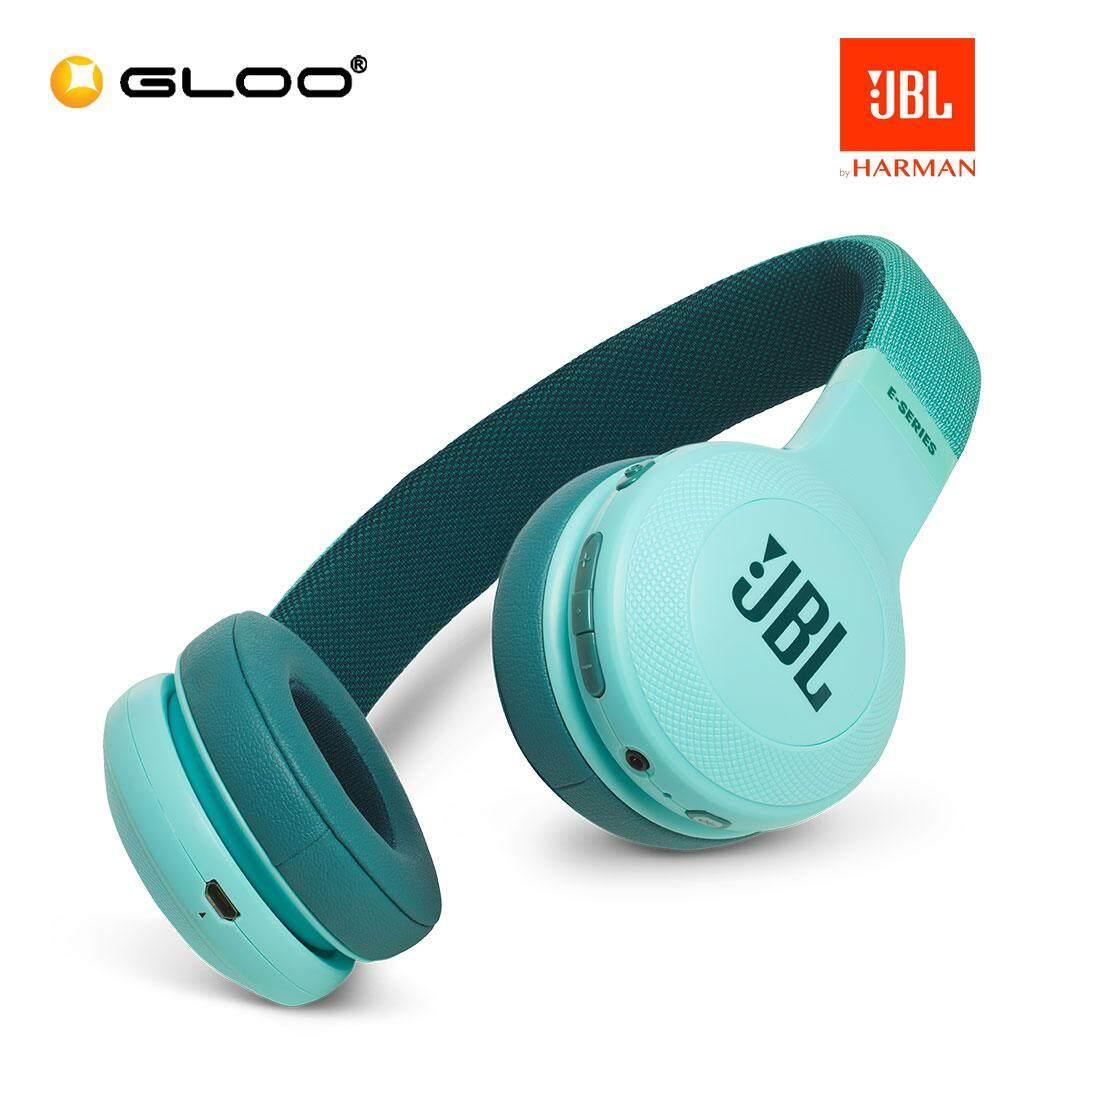 JBL E45BT Wireless On-Ear Headphones (Blue/Red/Teal/White)